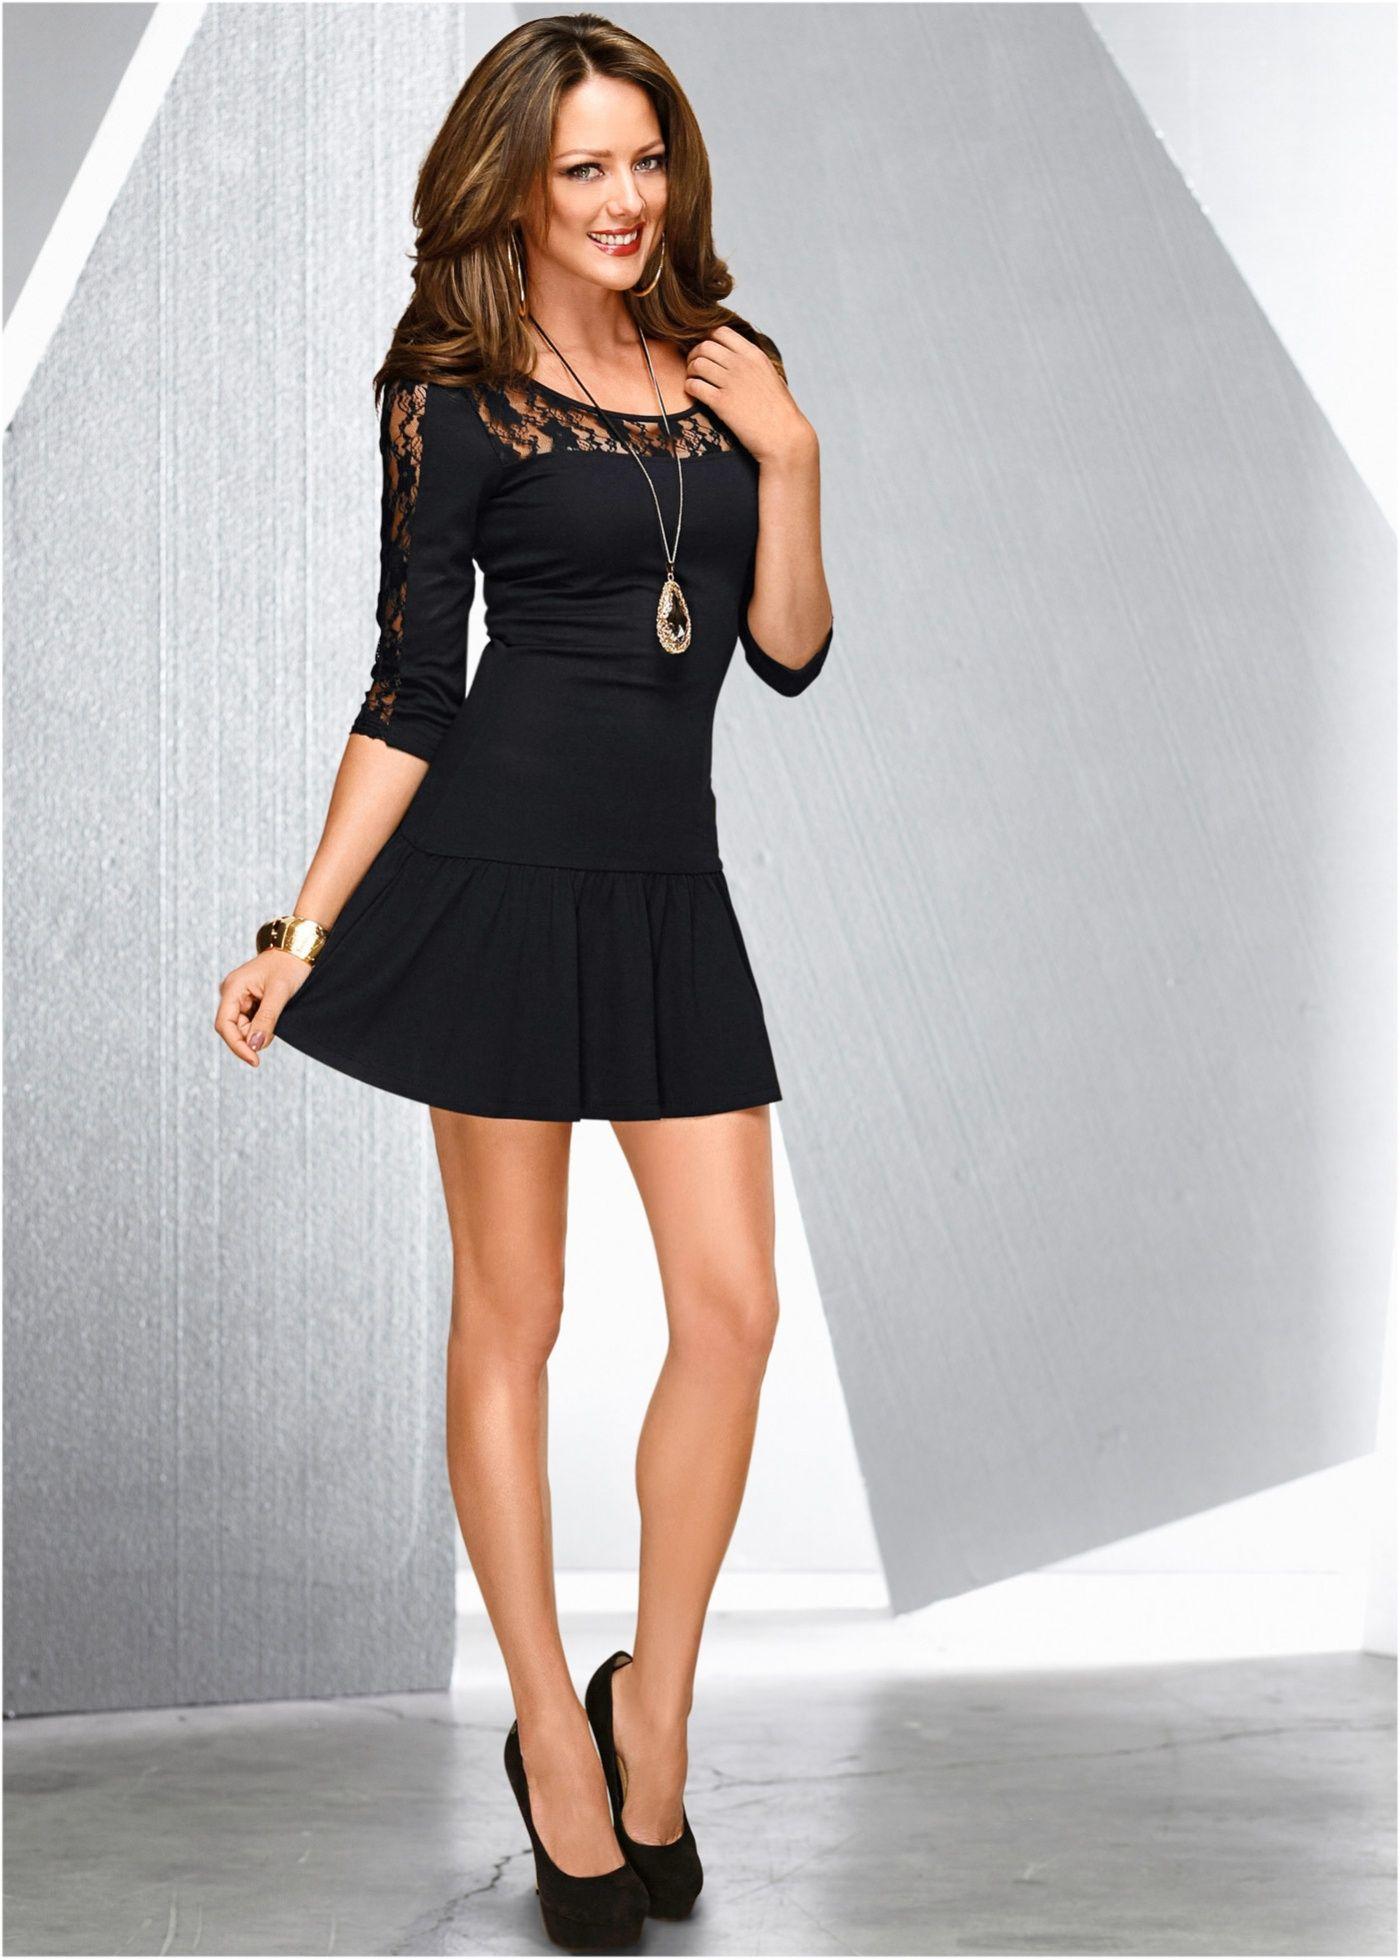 3ae29ddae Vestido com renda preto encomendar agora na loja on-line bonprix.com ...